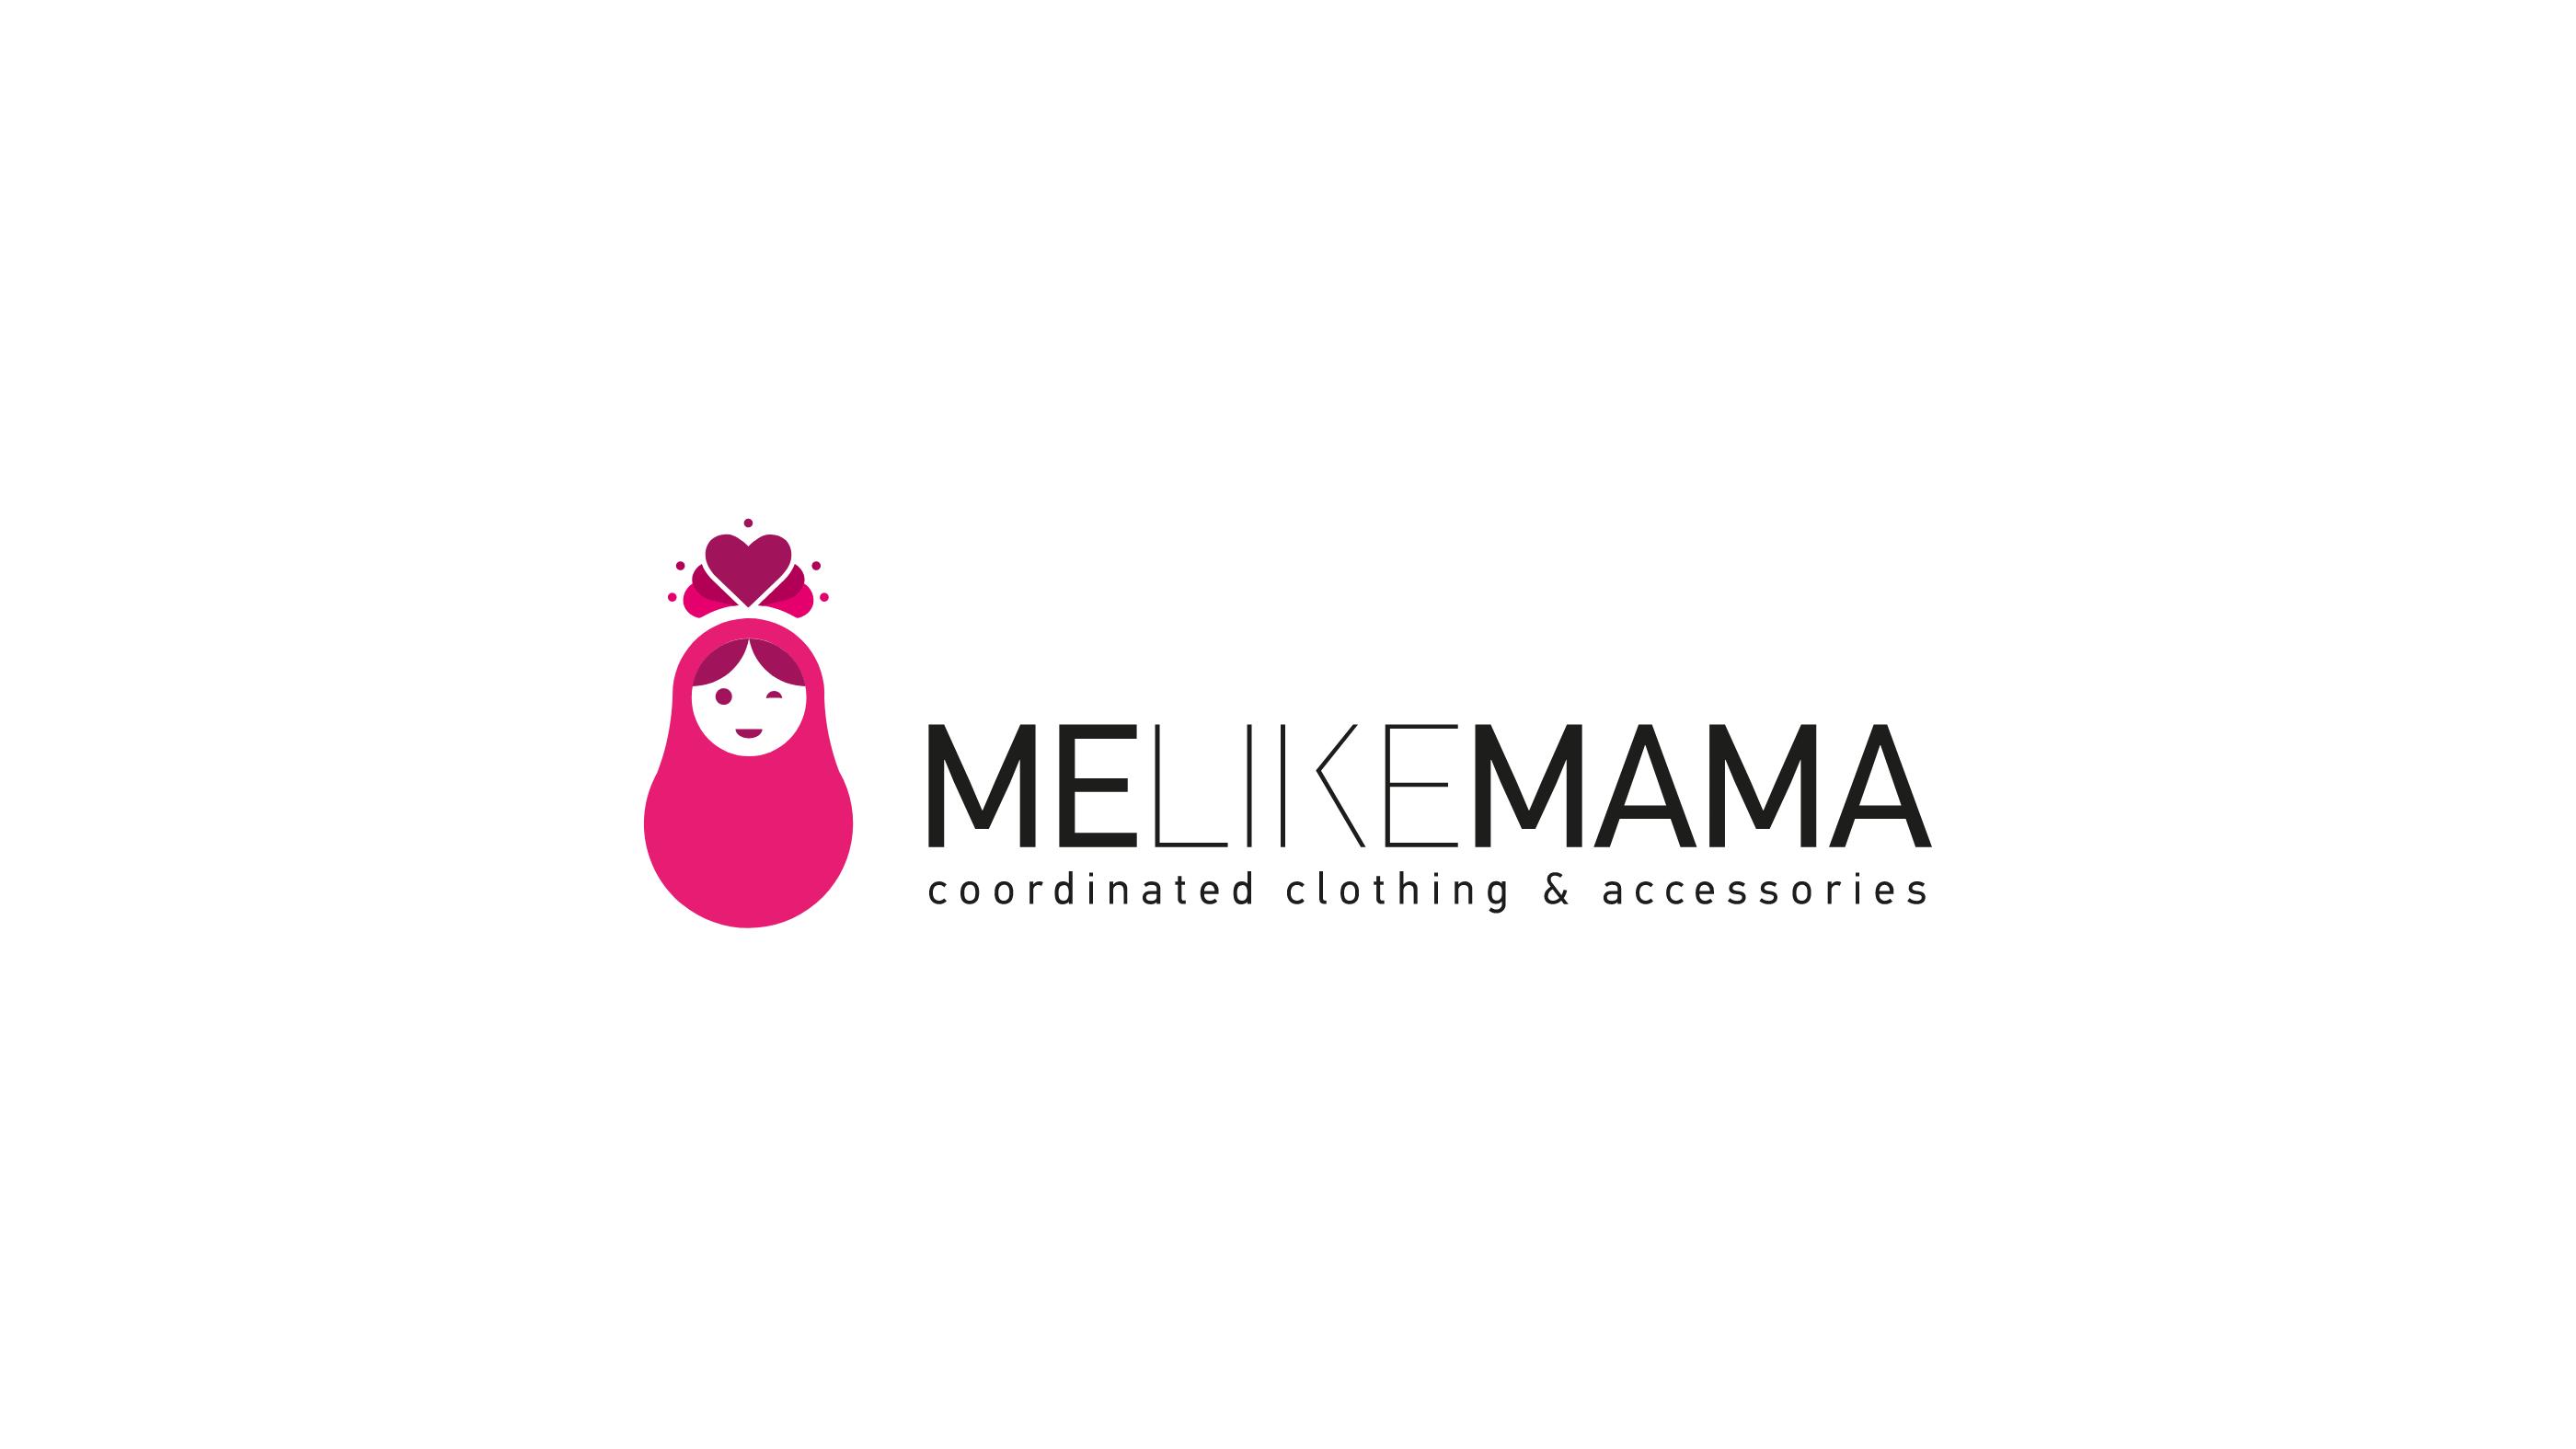 melikemama-brand-design-01